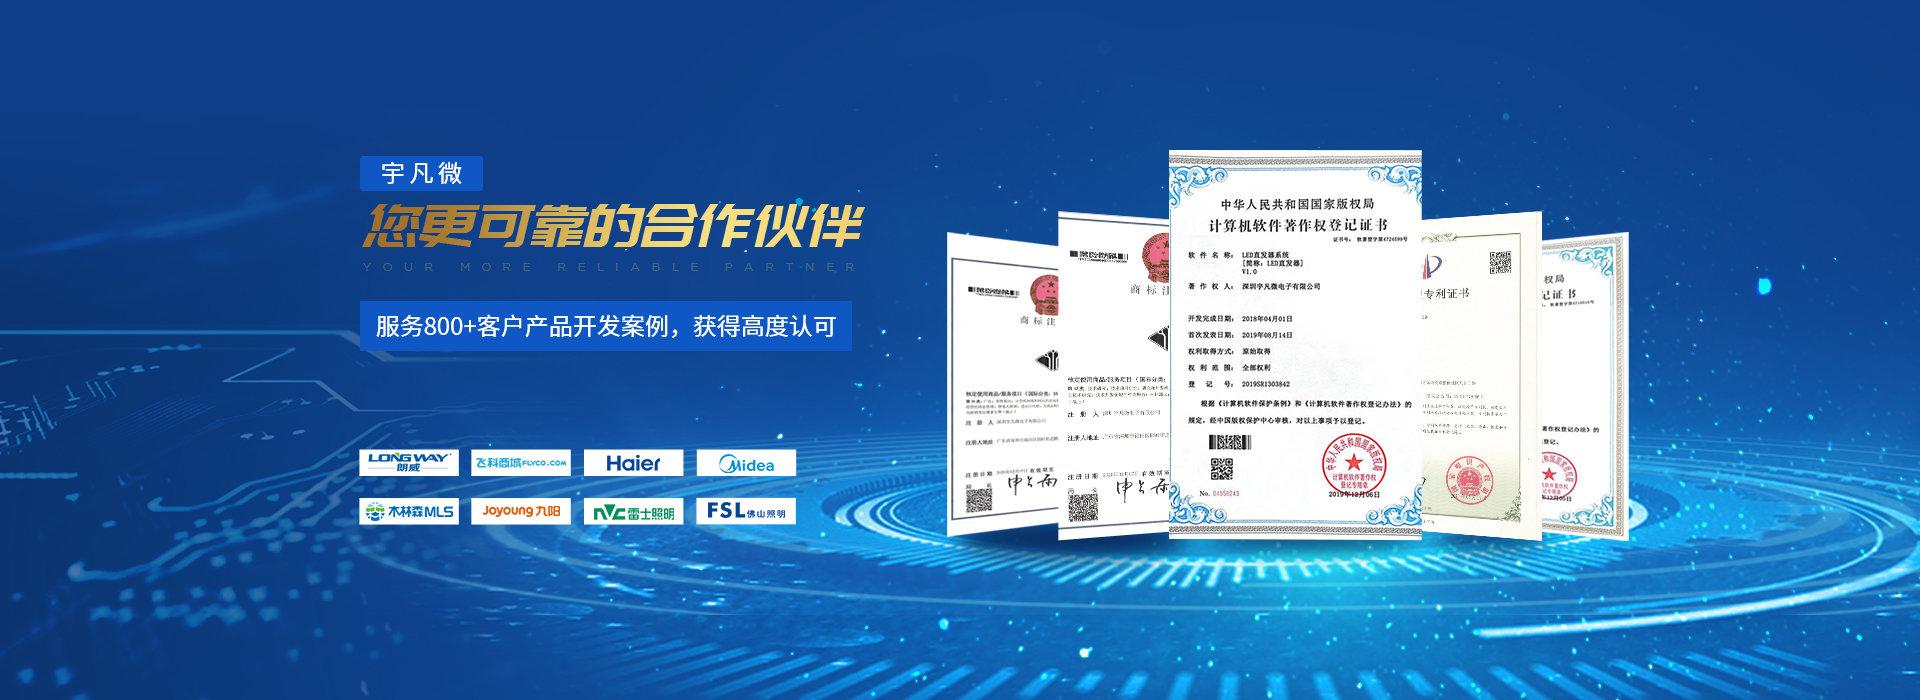 专注智能产品芯片设计开发方案